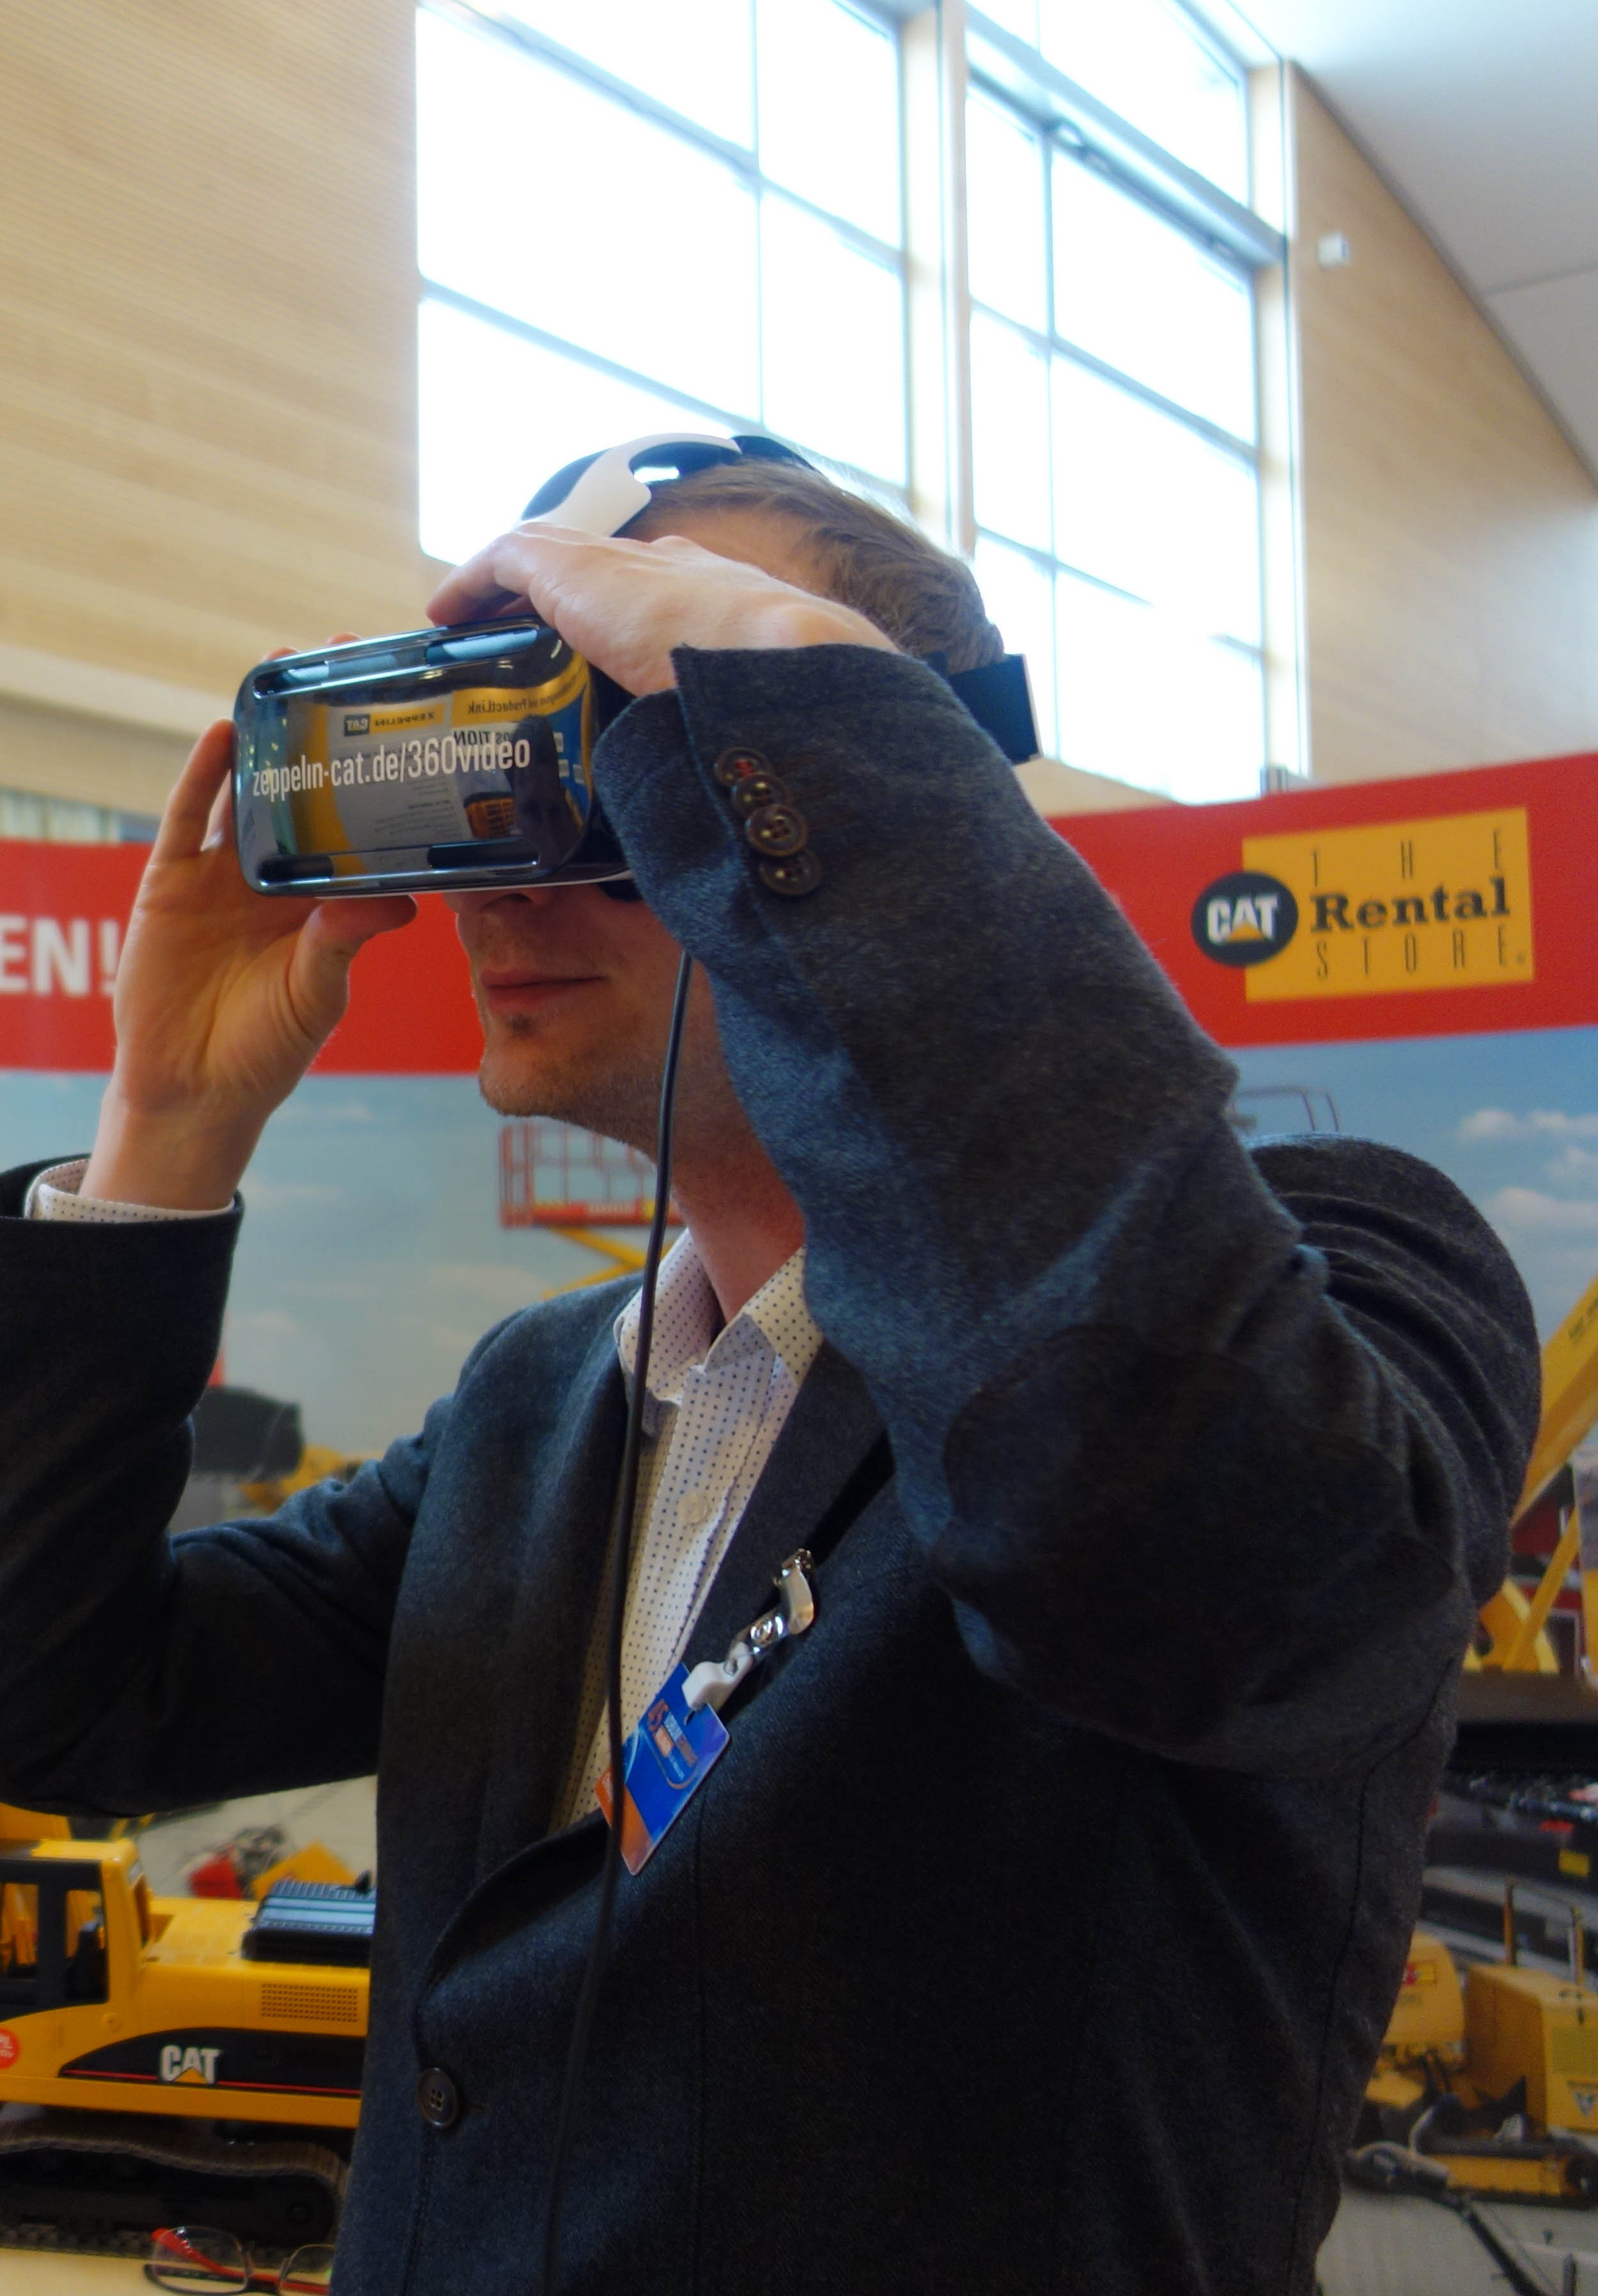 Eintauchen in 3D-Welten